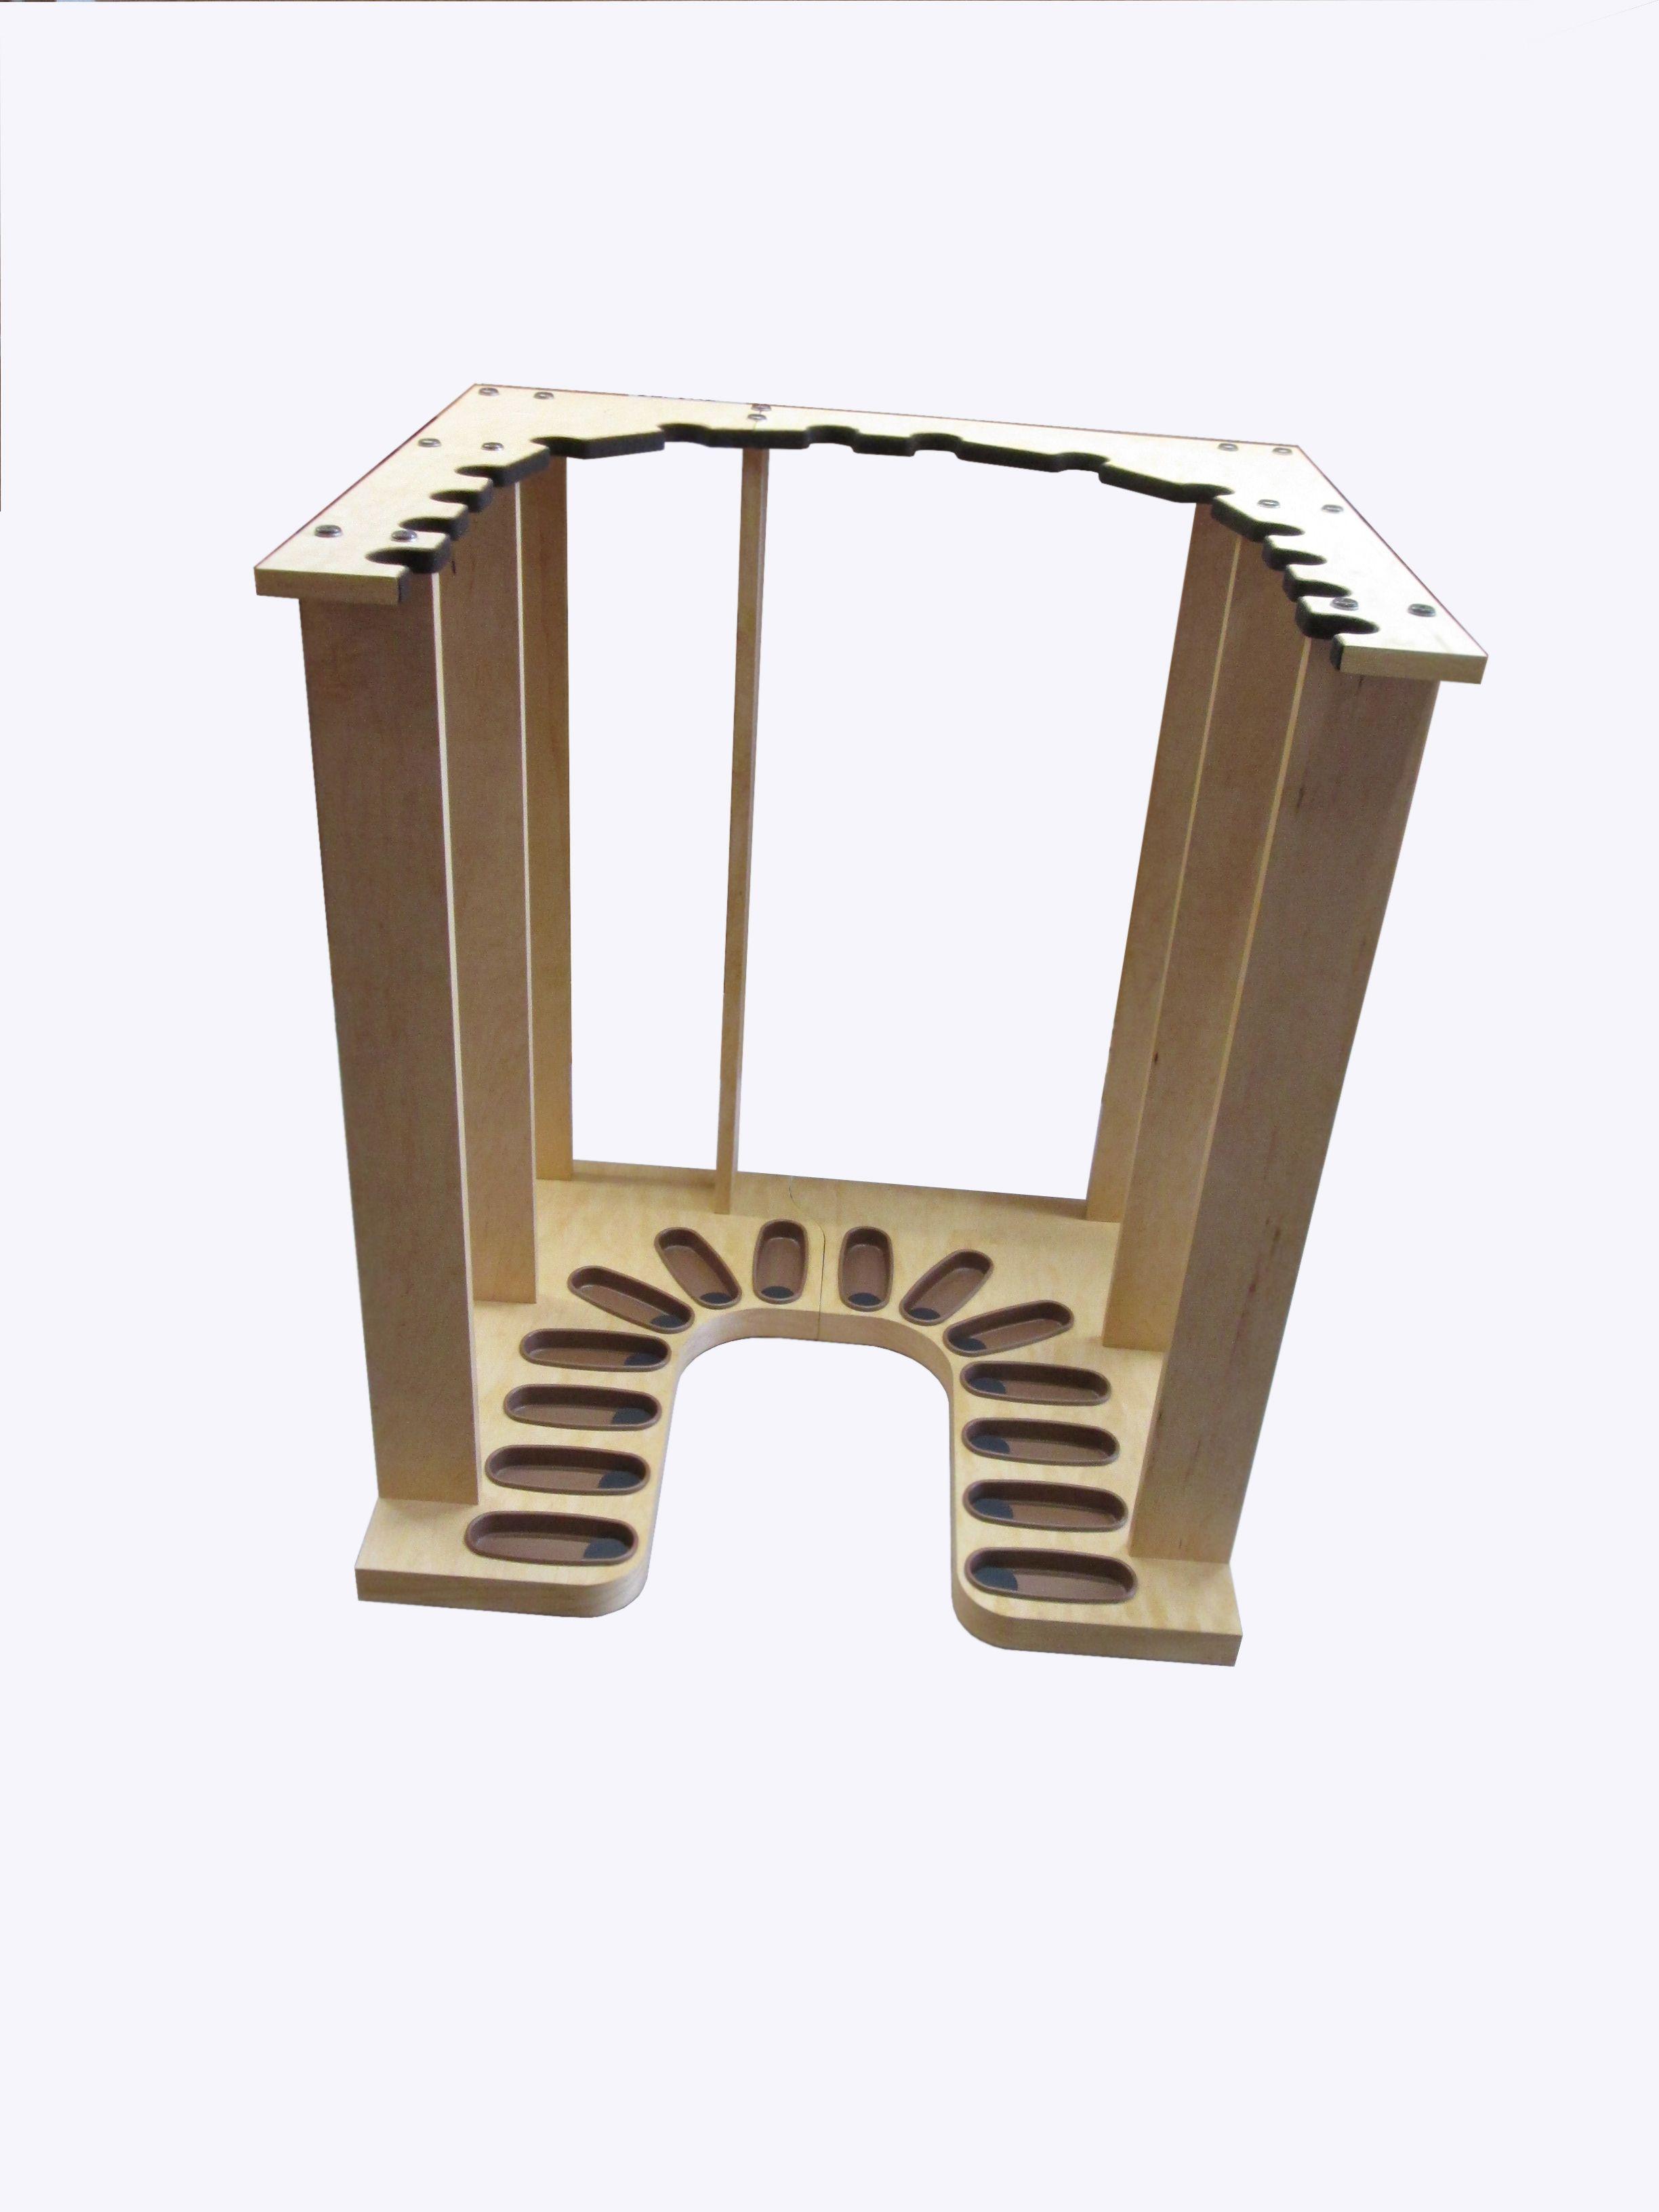 U Shaped Vertical Gun Rack for a Safe or Closet. www.gun